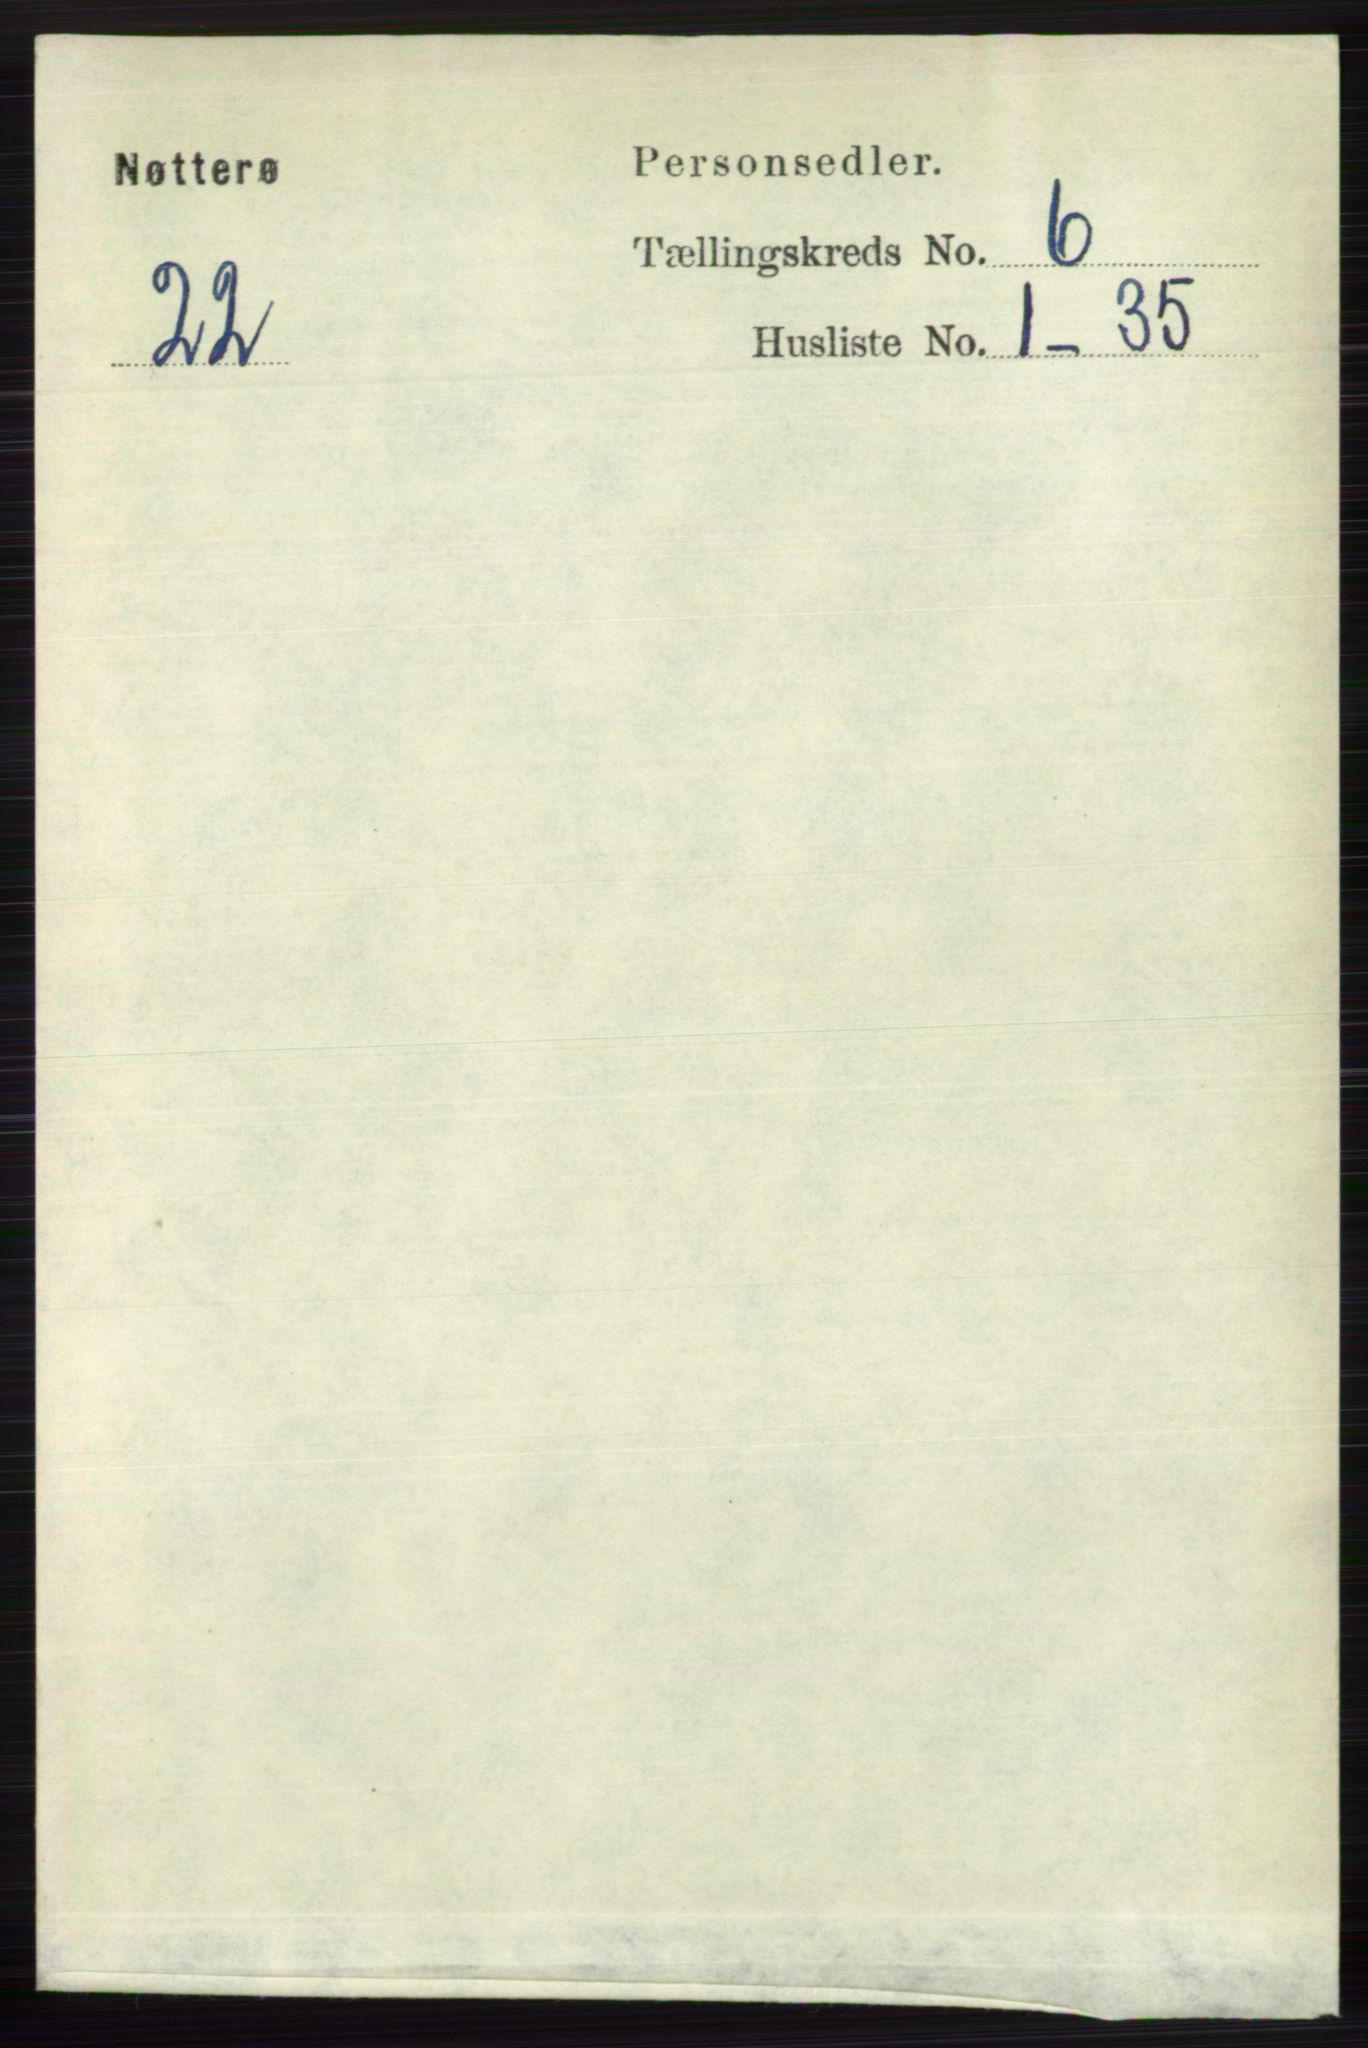 RA, Folketelling 1891 for 0722 Nøtterøy herred, 1891, s. 2849